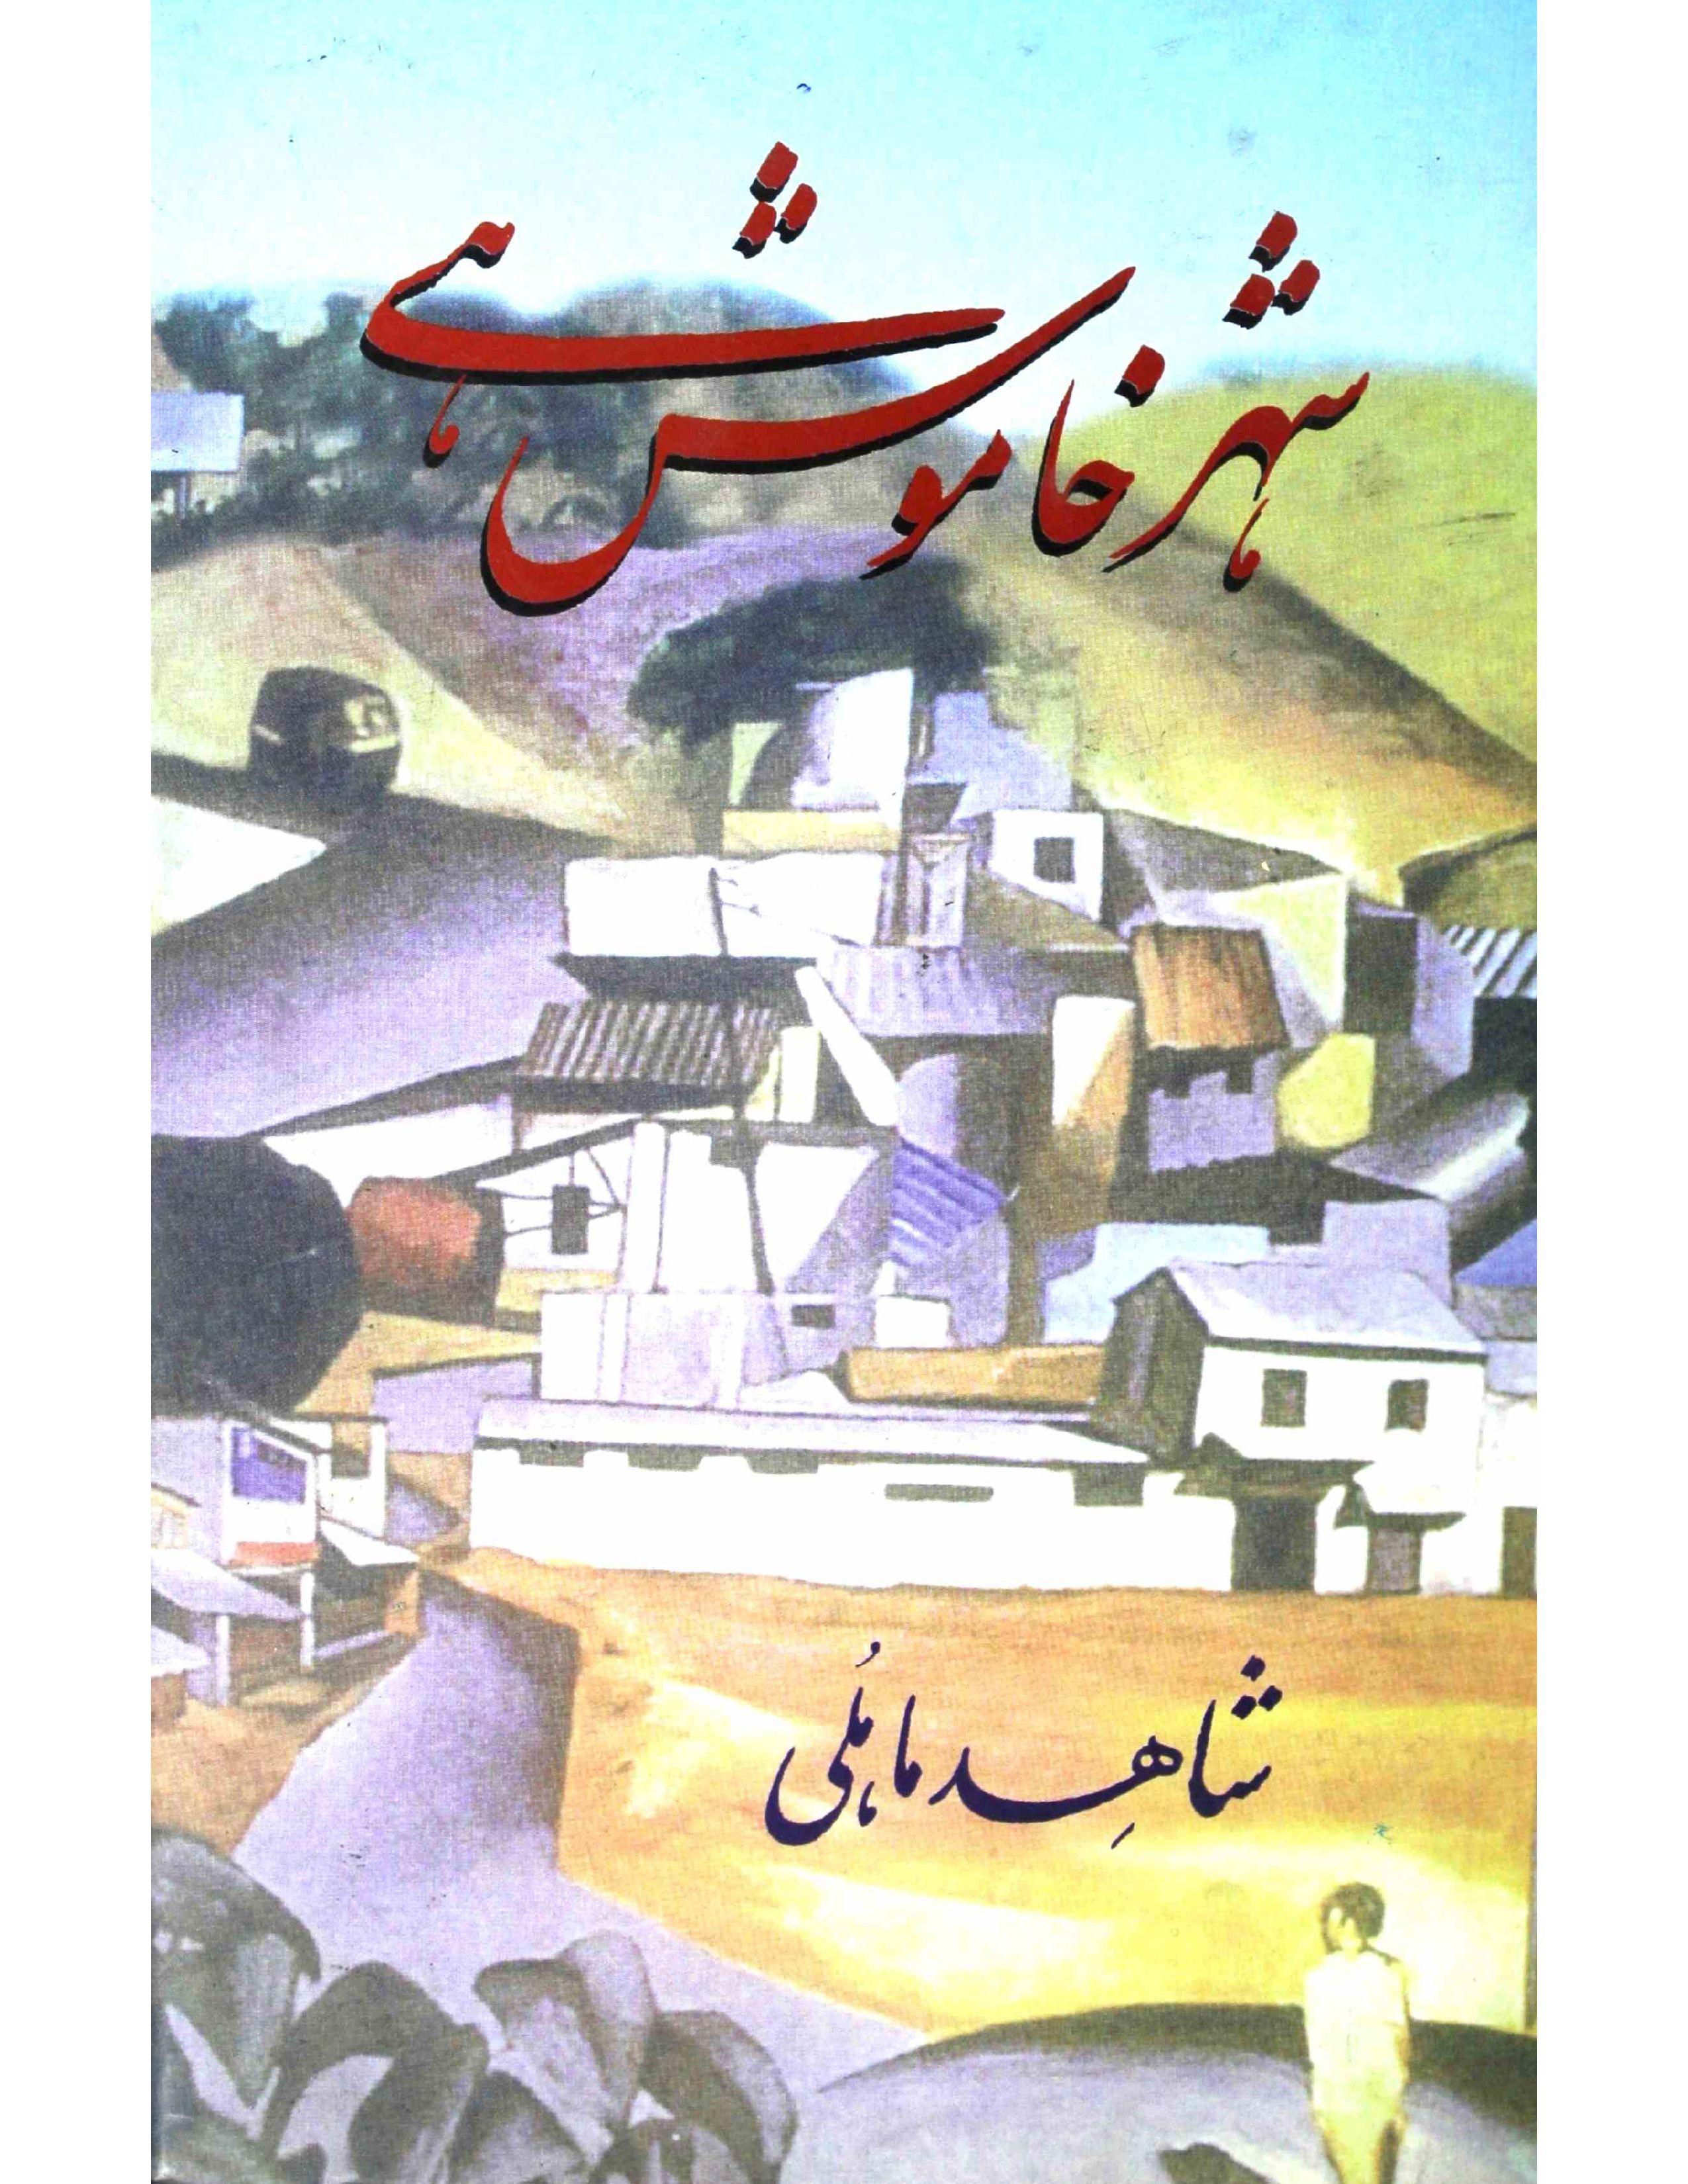 Shahar Khamosh Hai